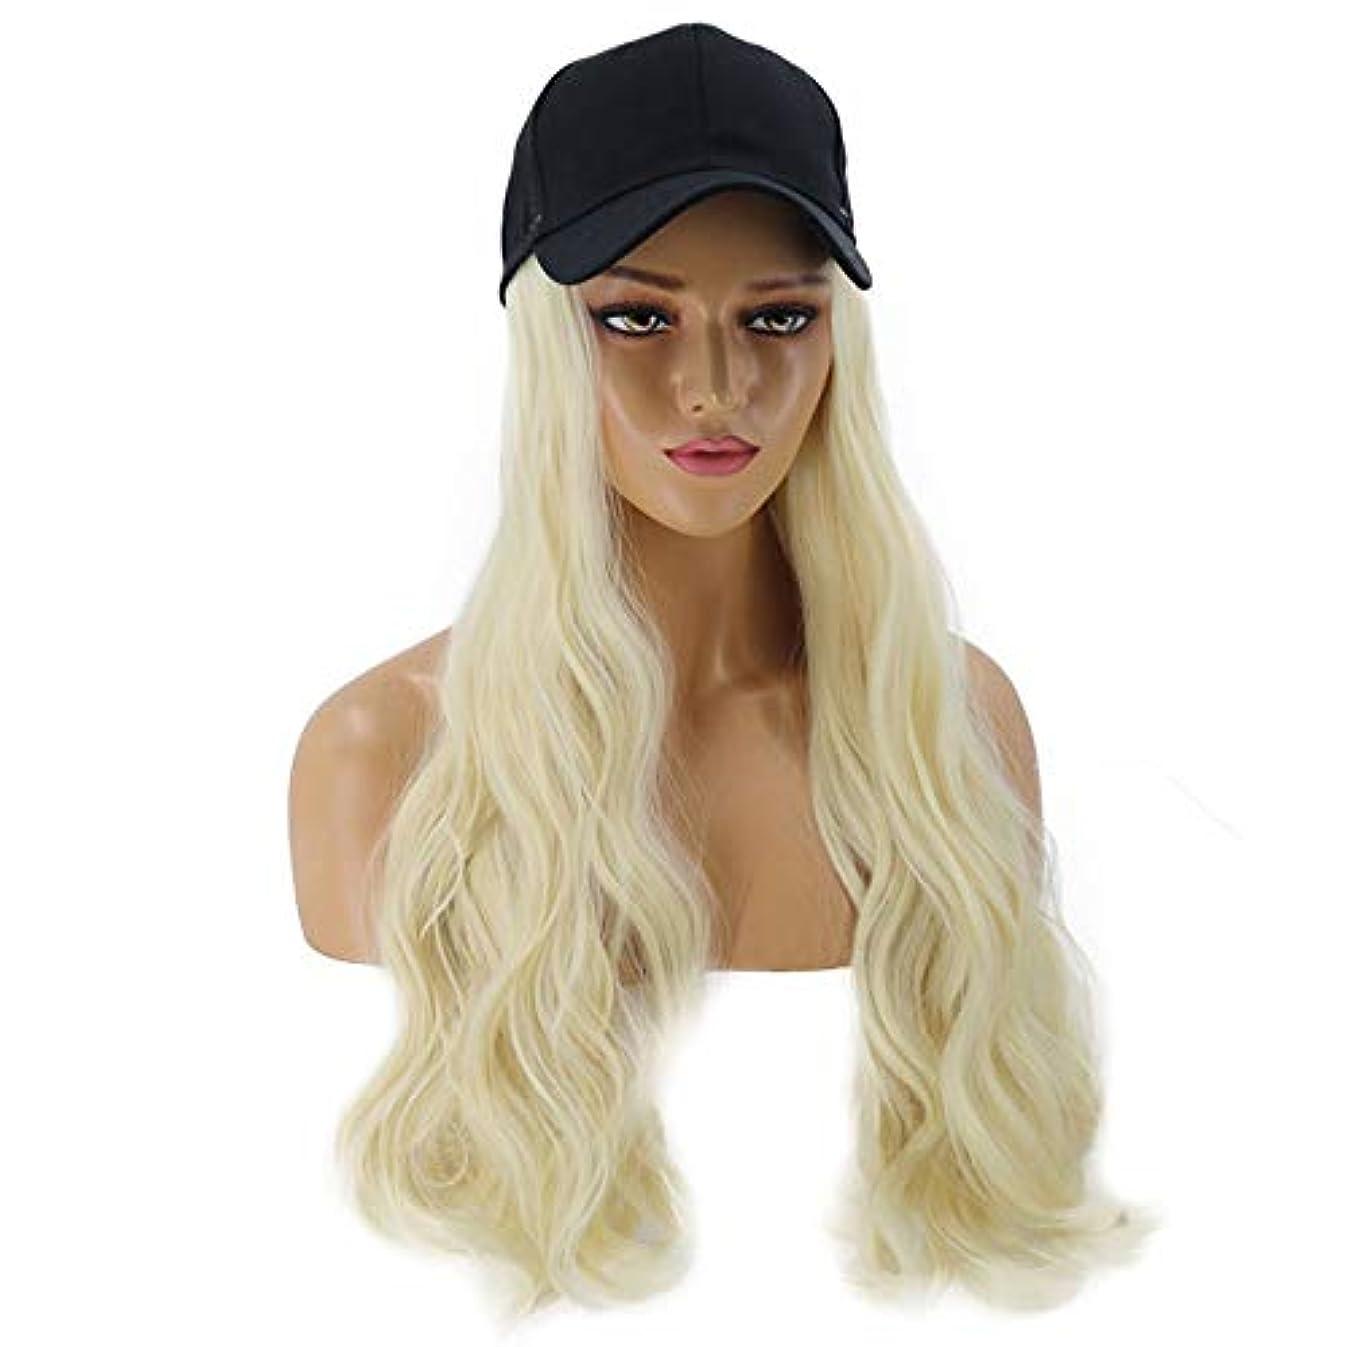 であるしかしイタリアのHAILAN HOME-かつら ファッションライトアンバーレディースウィッグハットワンピースハットロング前髪ウィッグ55センチメートル先見の明カーリーヘアワンピース取り外し可能